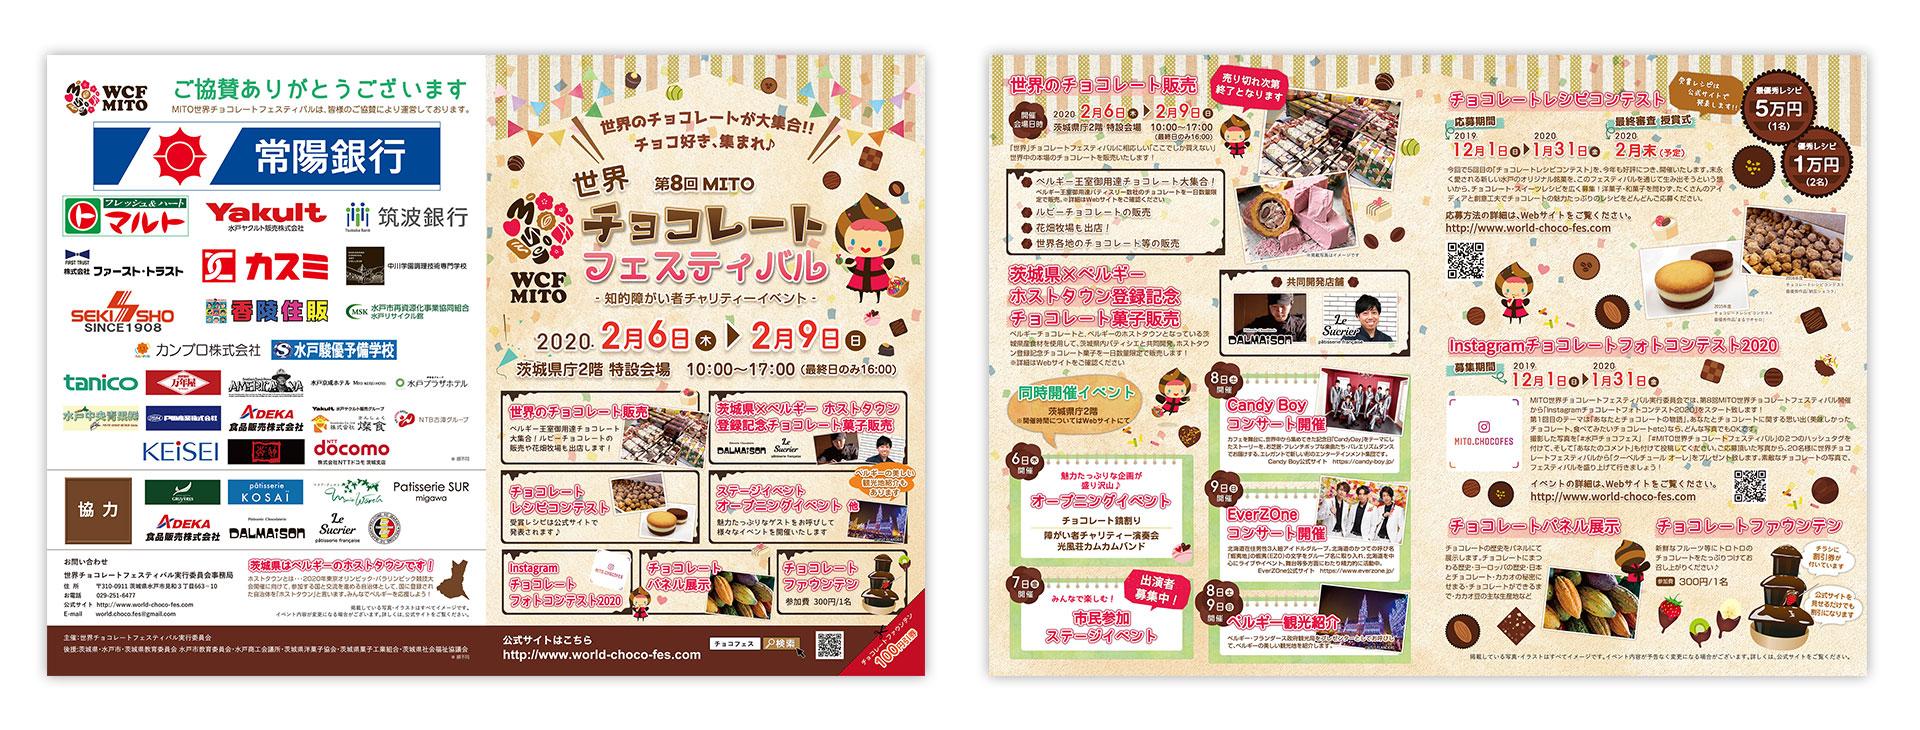 第8回 世界チョコレートフェスティバル チラシ